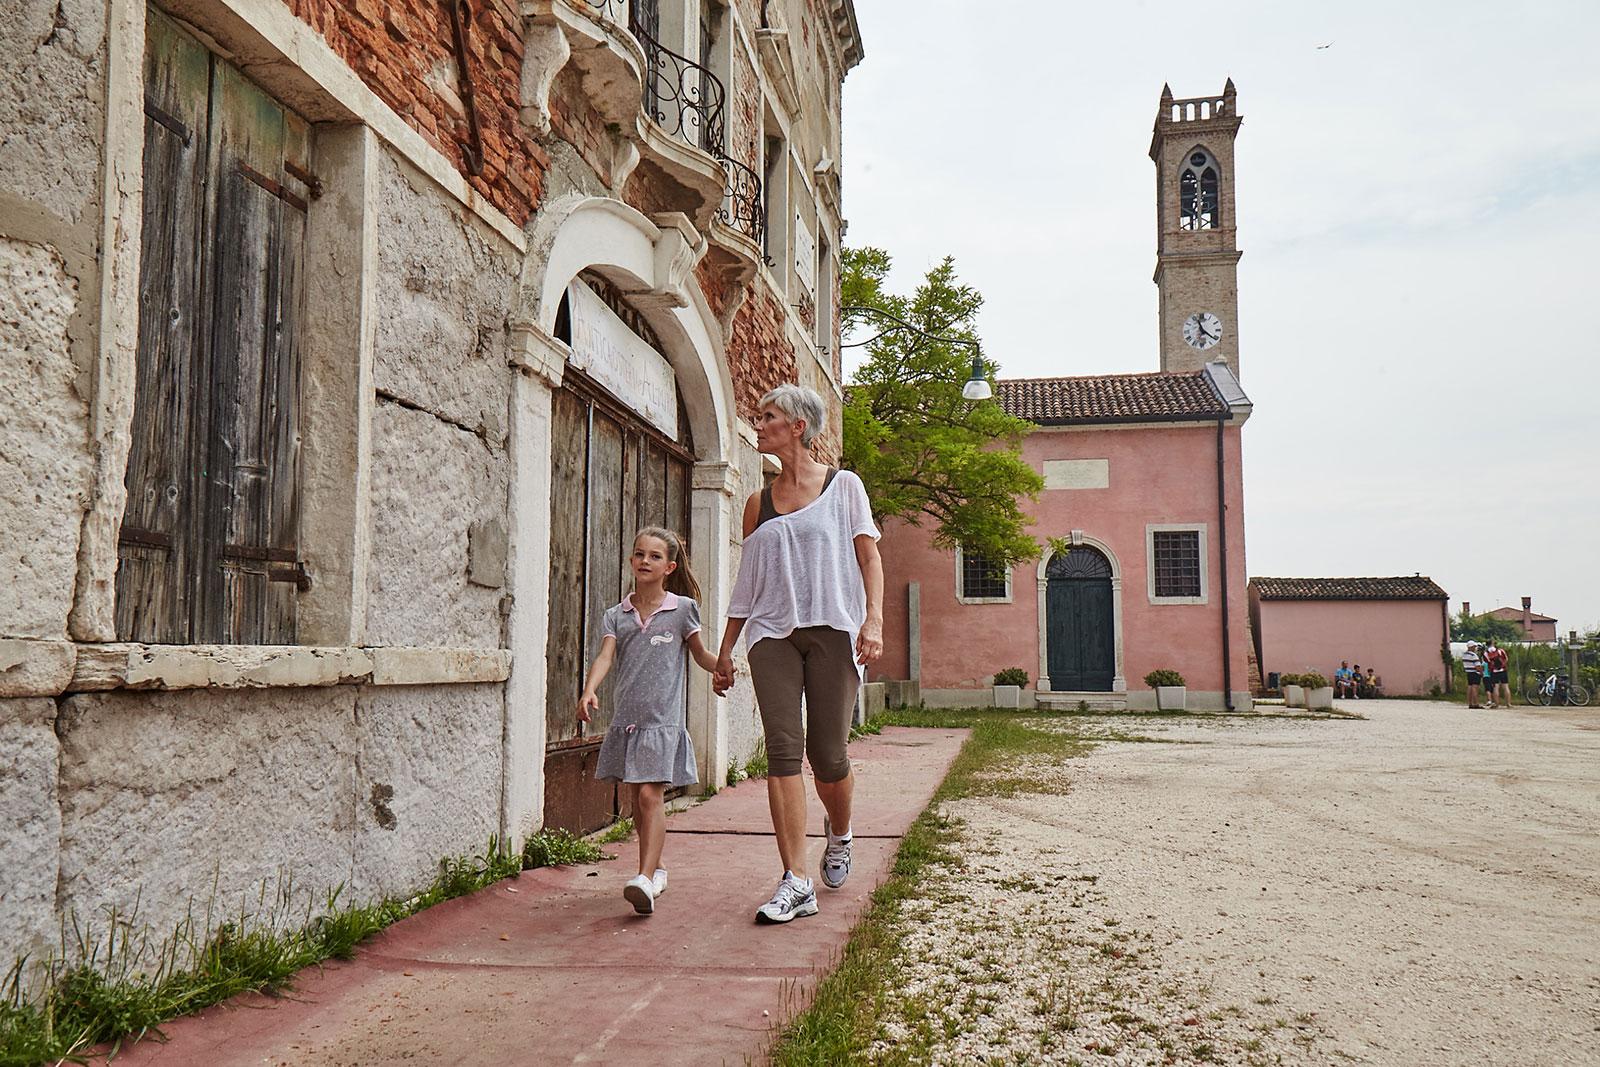 5---Lio-Piccolo-en-skõnheden-i-Venedig